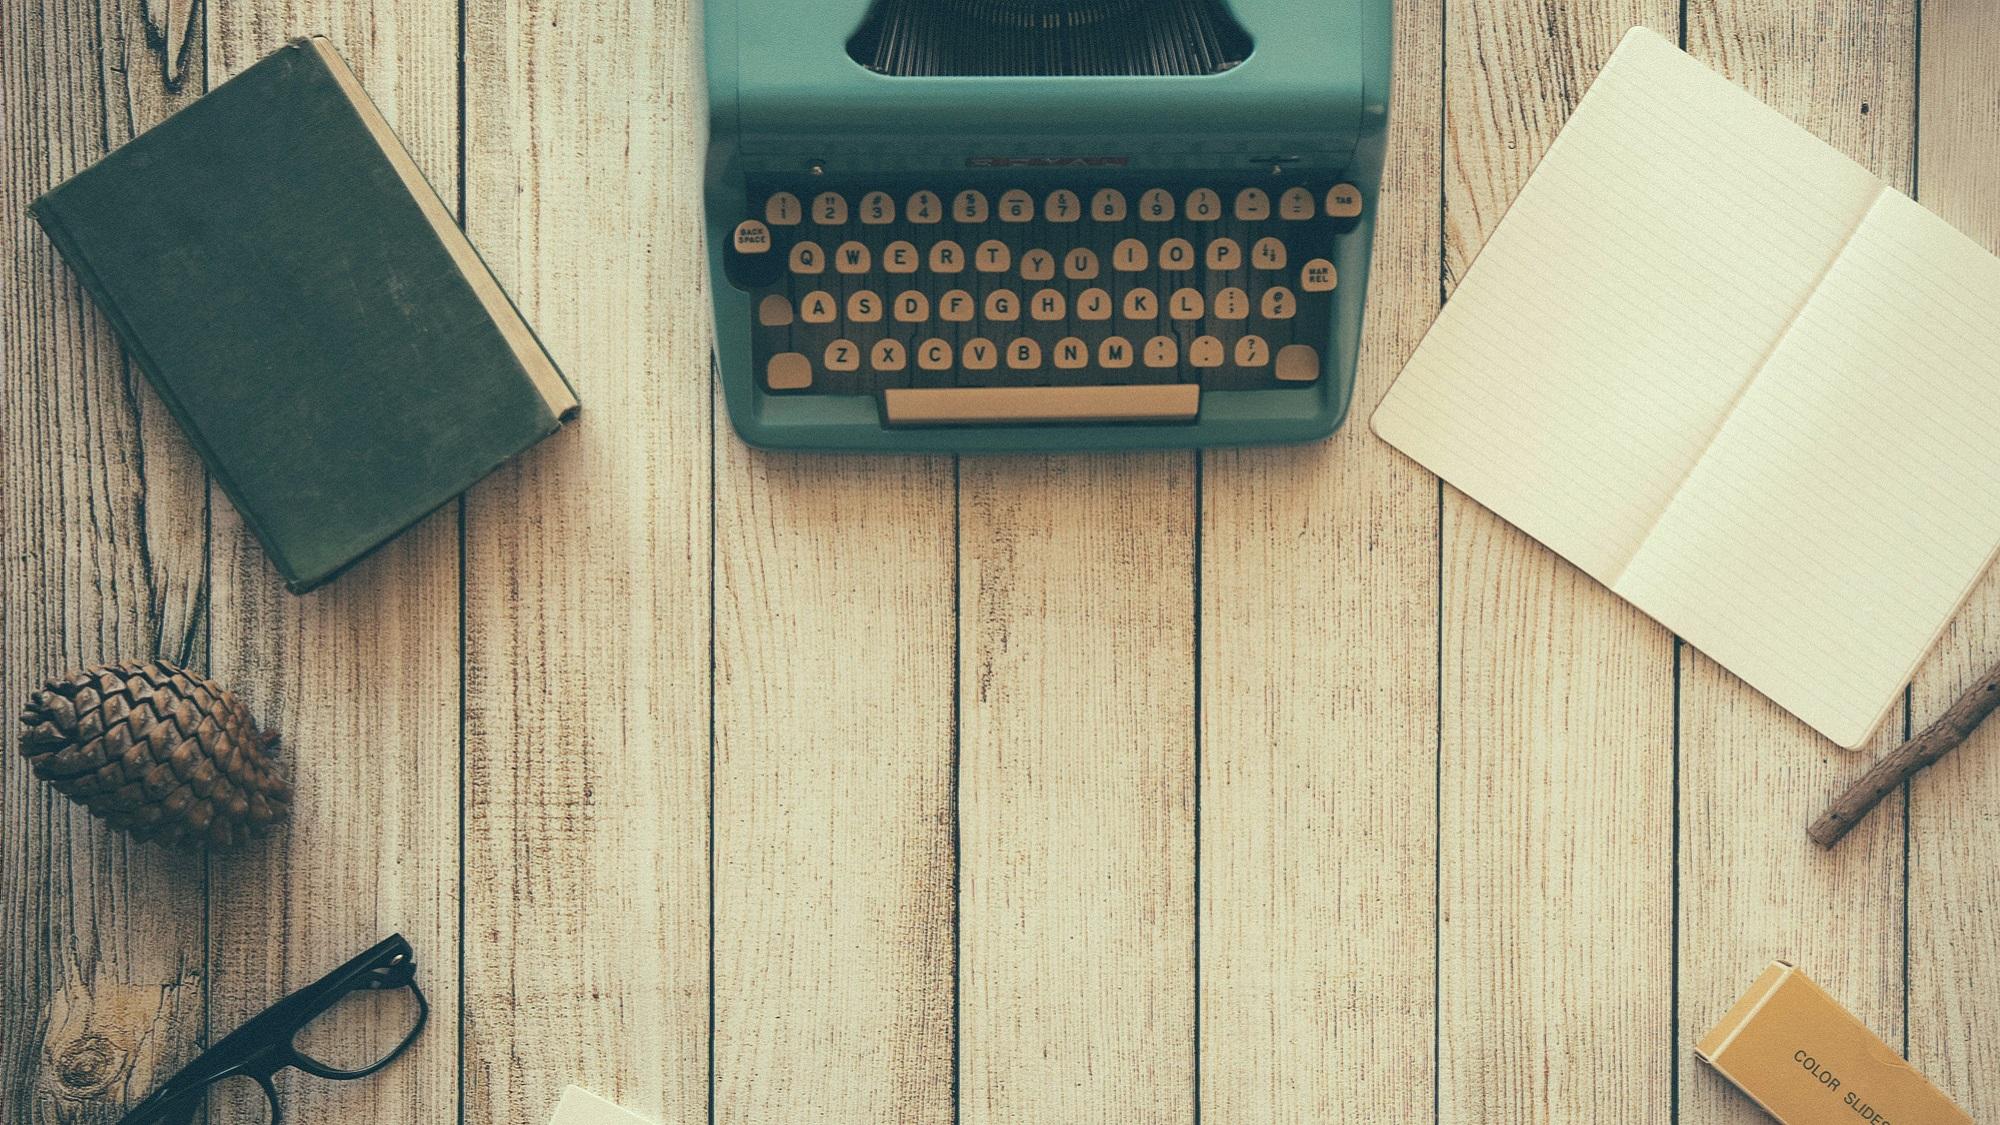 Jahresbericht MCM, Schreibmaschine, Notizbücher, Schreibmaterial auf Holztisch